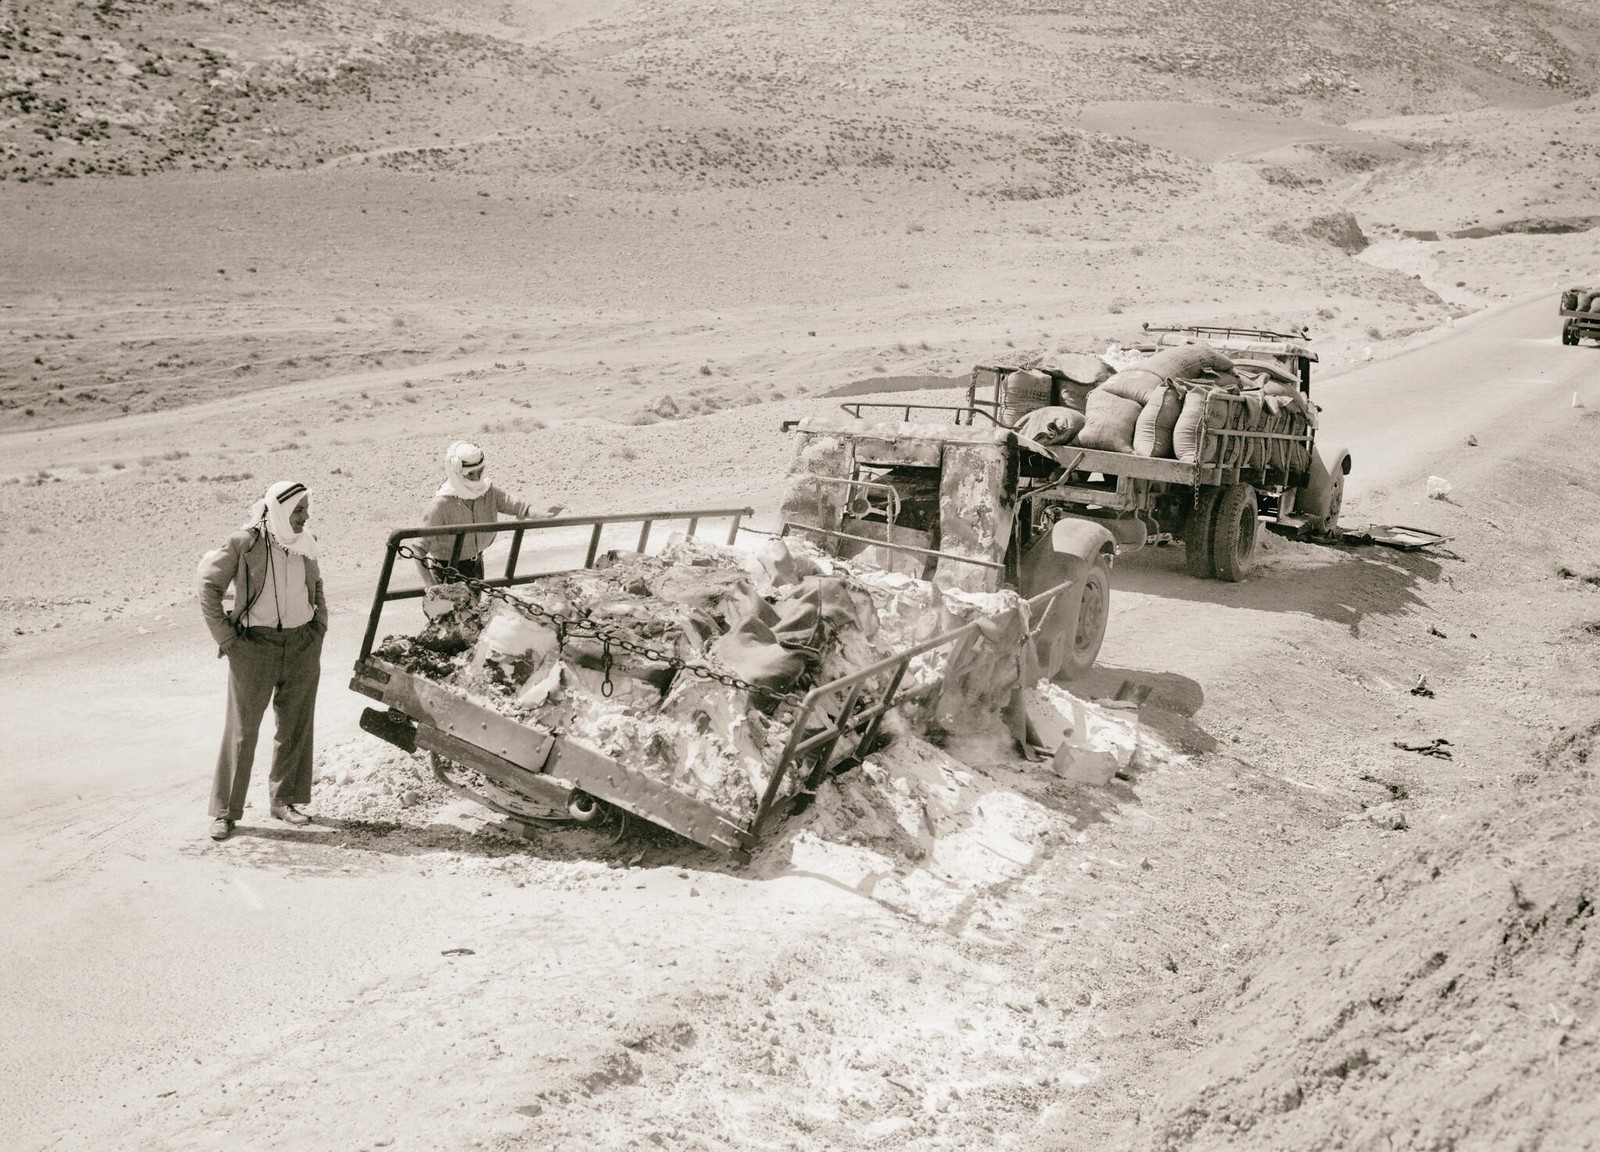 18. 1938. Два из пяти грузовиков с калием, уничтоженных арабскими мятежниками на дороге в Иерихон. (2)